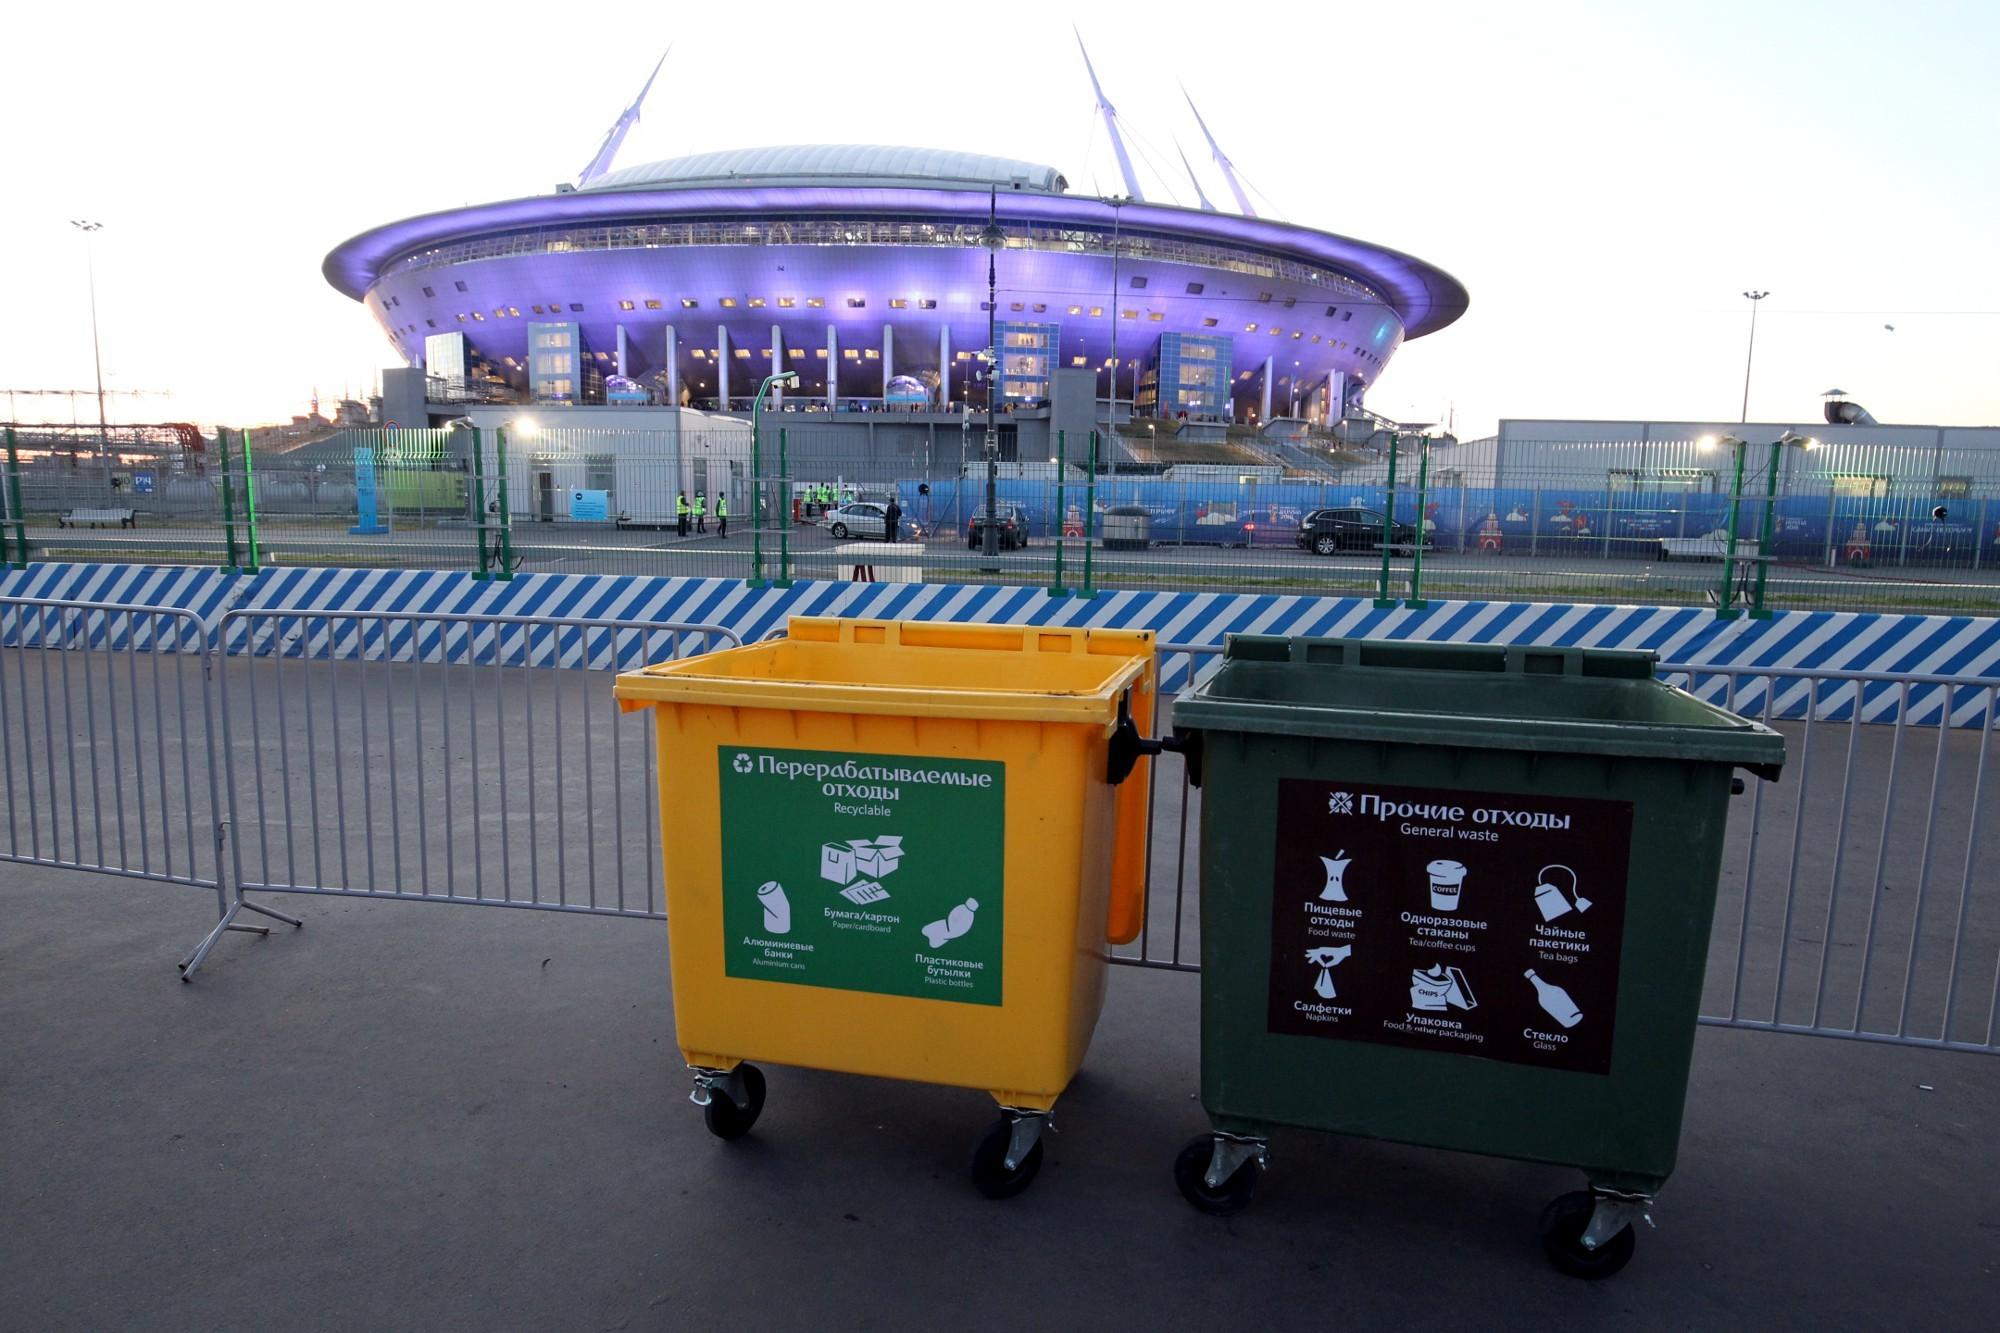 стадион Зенит-Арена мусорные баки отходы раздельный сбор